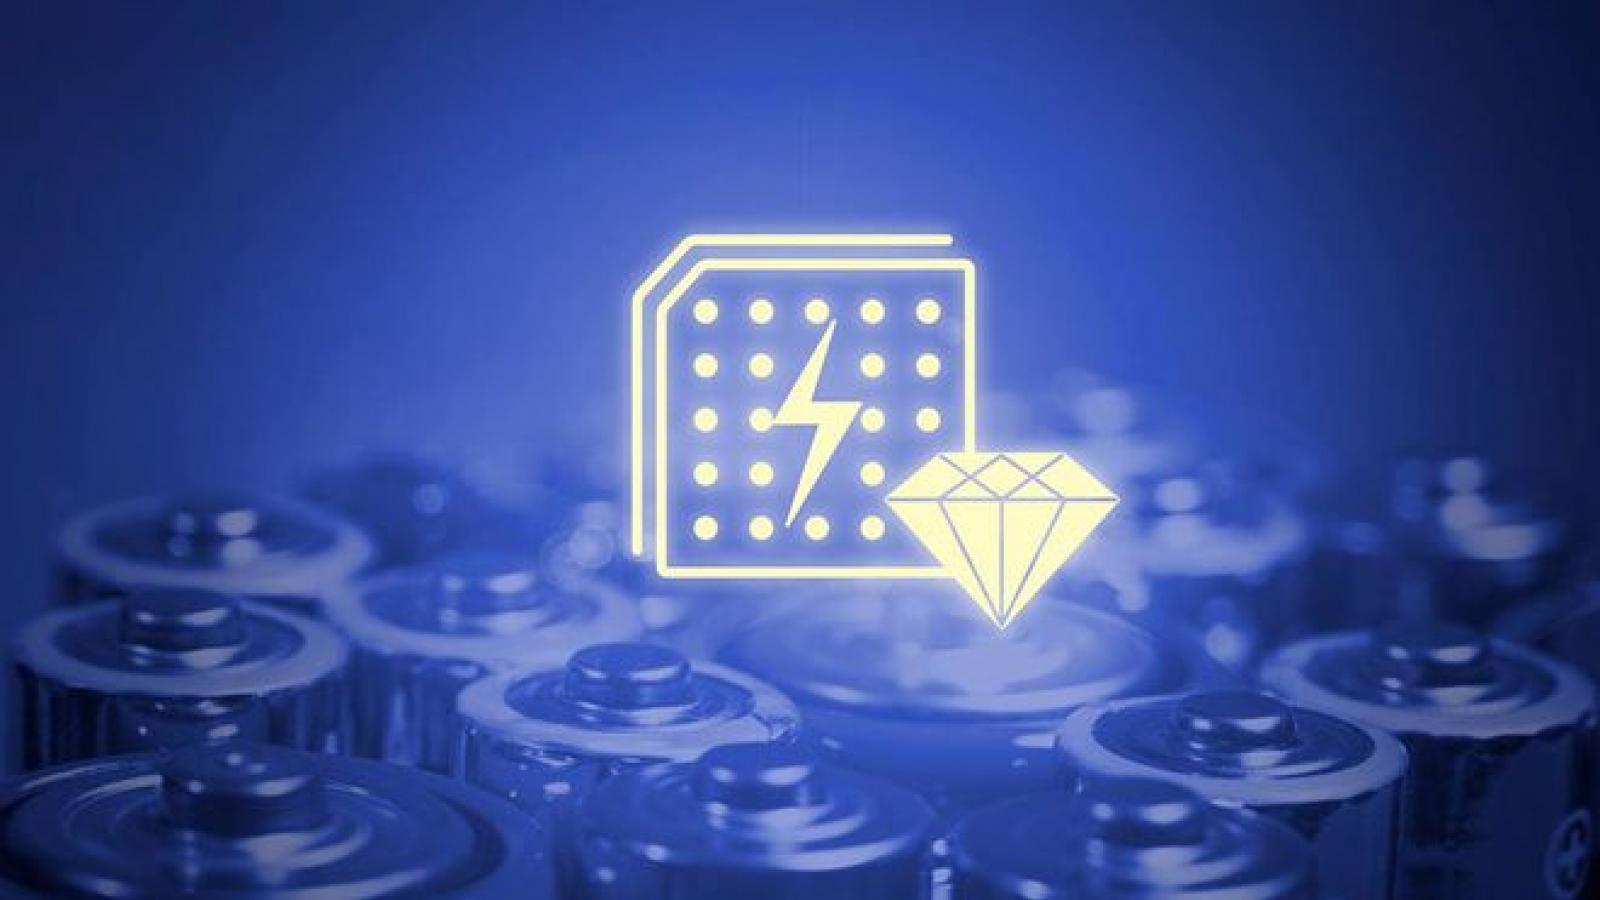 Pin kim cương hứa hẹn tạo ra điện trong 100 năm